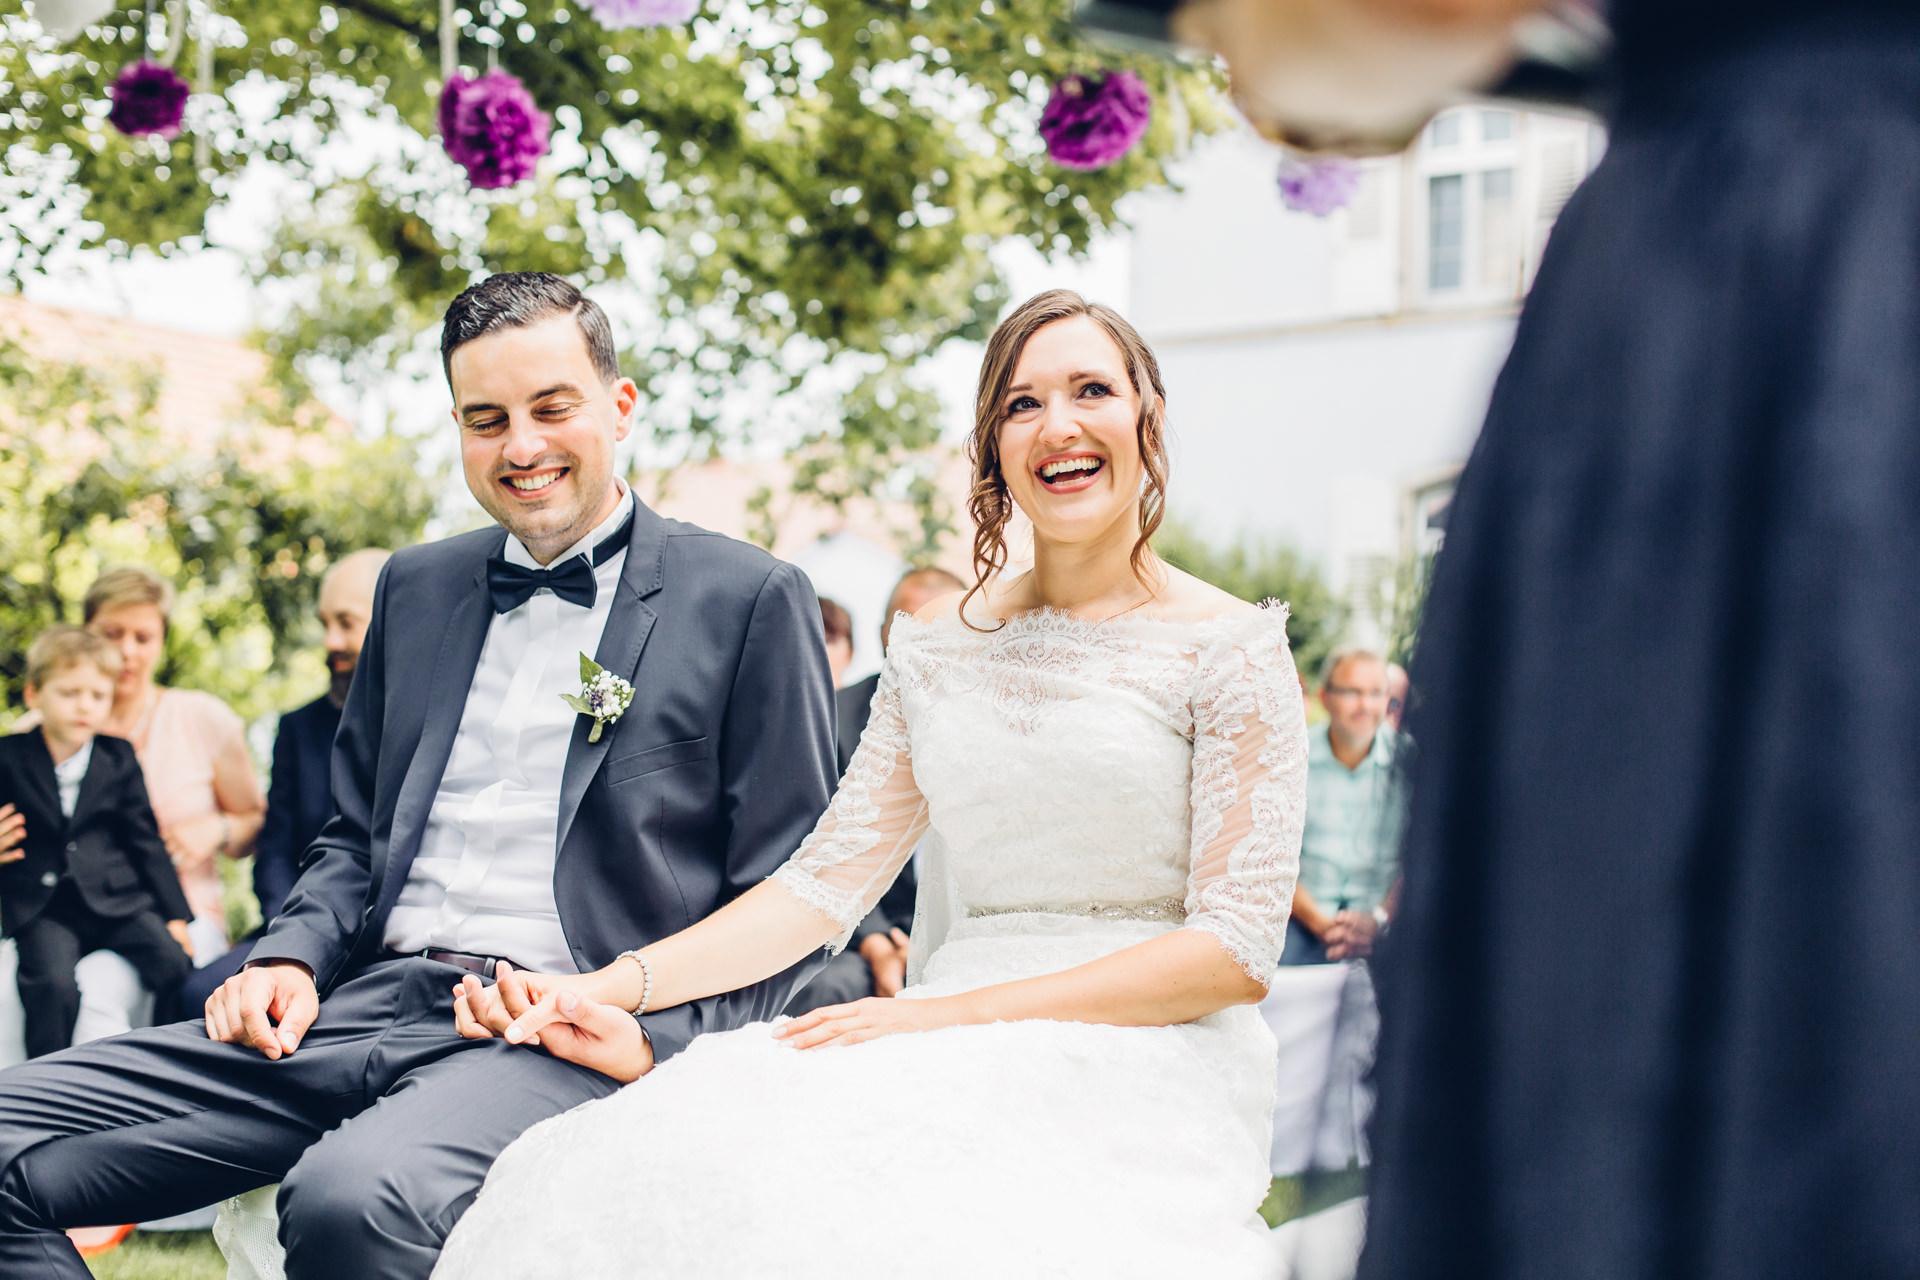 Hochzeitslocation Weingut am Nil Kallstadt Paar feiert Freie Trauung im Garten